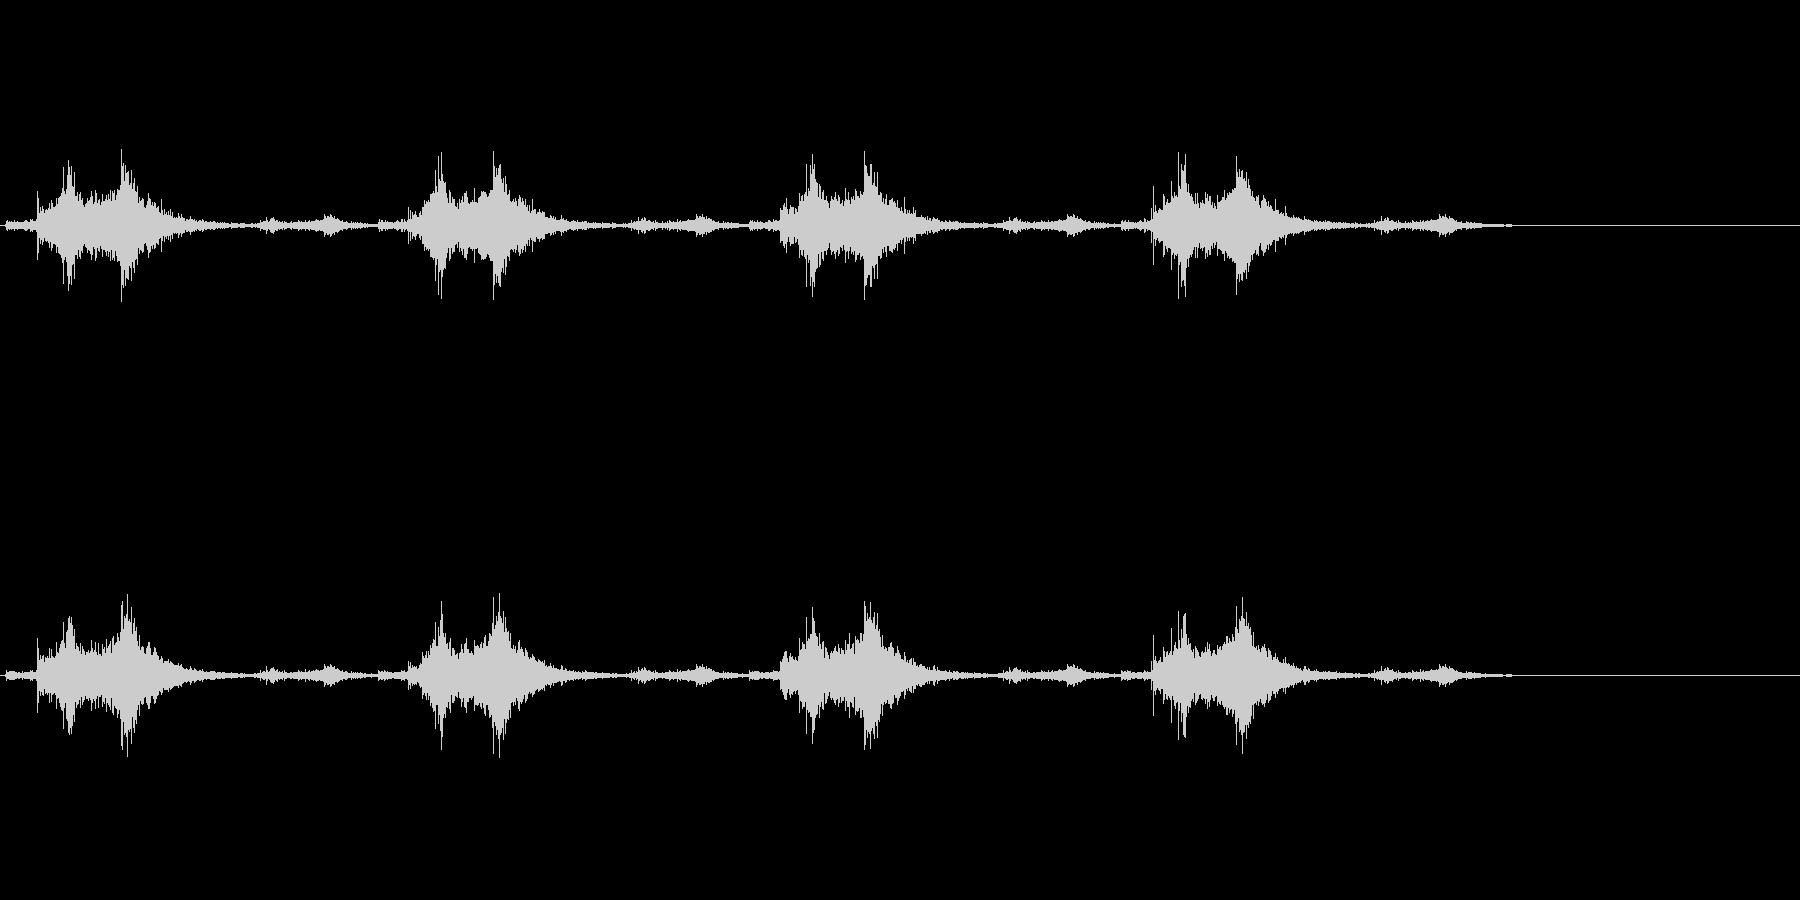 バサッ…バサッ…(羽ばたき音、飛行系)の未再生の波形